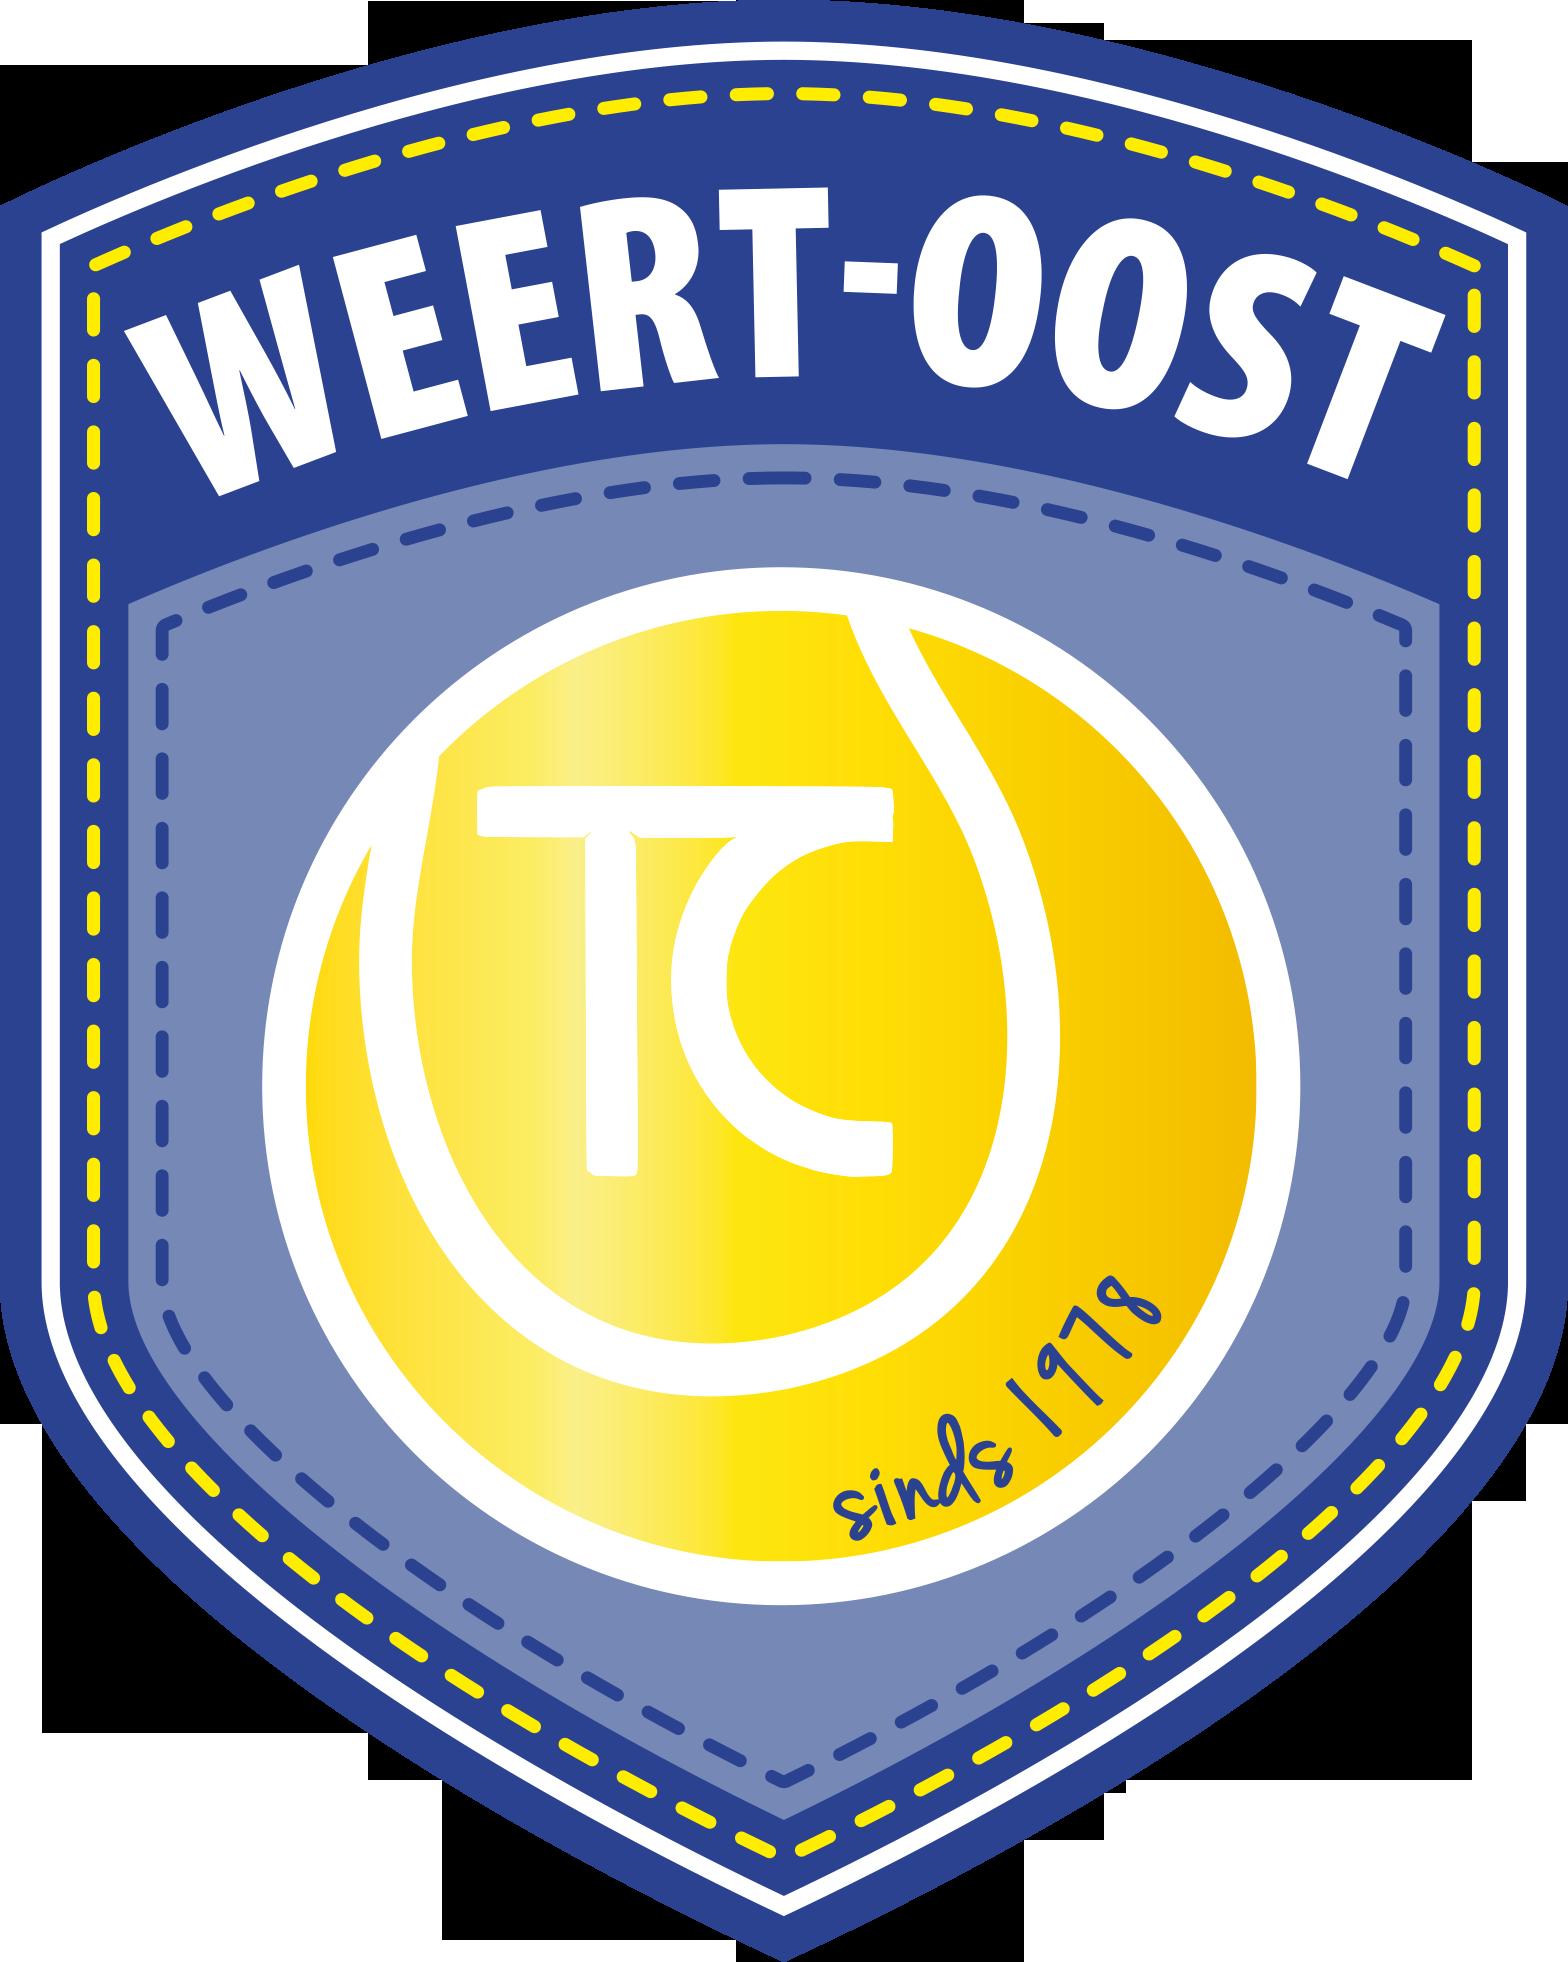 T.C. Weert-Oost